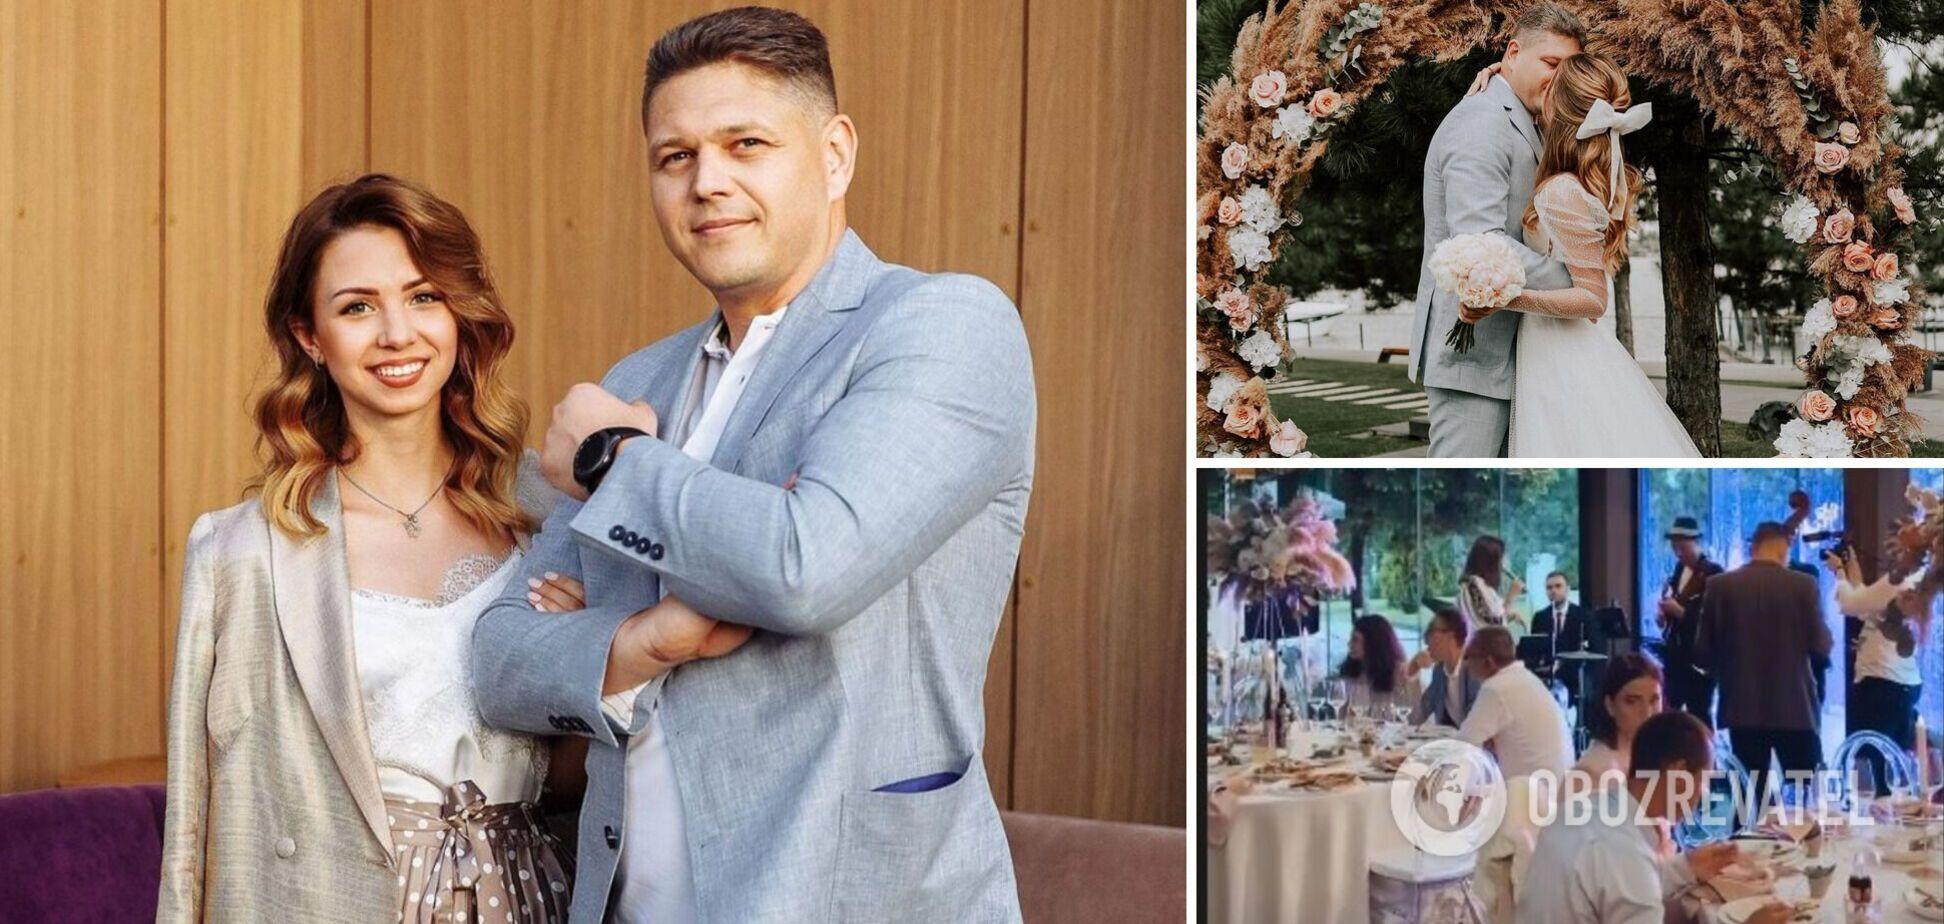 Настя з Уханю і глава міграційної служби зіграли пишне весілля. Фото